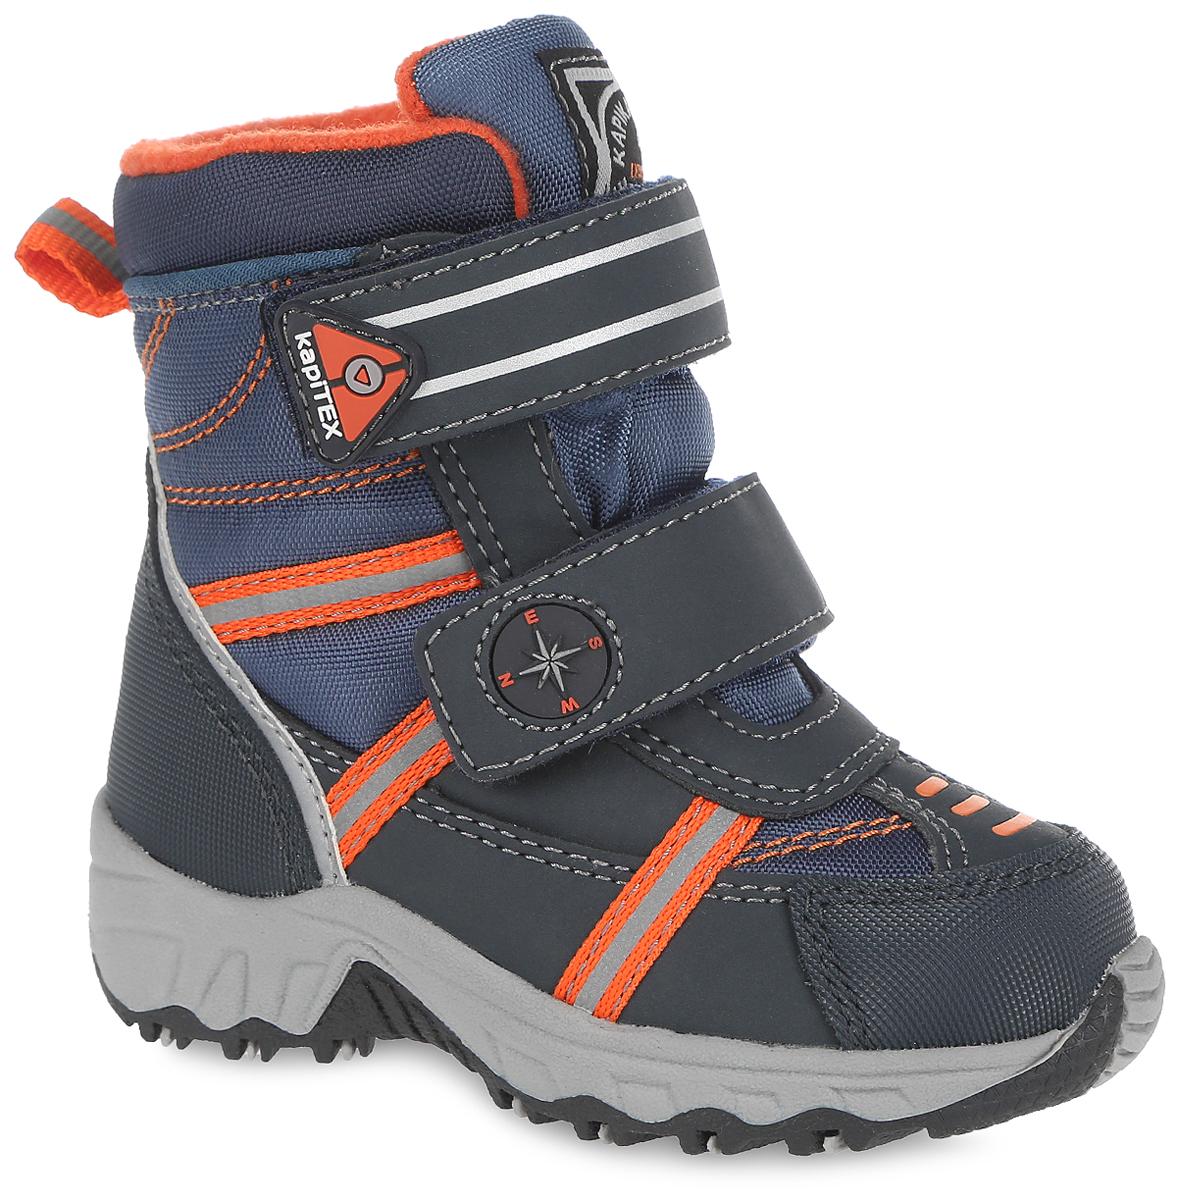 Ботинки для мальчика. 41131-141131-1Стильные ботинки от Kapika заинтересуют вашего мальчика с первого взгляда. Ботинки выполнены из искусственной кожи и плотного текстиля. Модель оформлена оригинальными нашивками и прострочкой. Передняя и задняя части дополнены накладками для уменьшения износа обуви. Модель фиксируется на ноге с помощью удобных ремешков с застежками-липучками, которые оформлены оригинальными вставками. Ярлычок на заднике облегчает надевание обуви. Мягкий манжет и внутренняя поверхность из текстиля создают комфорт при ходьбе и предотвращают натирание ножки ребенка. Подкладка и стелька на 80% состоят из натуральной шерсти и обеспечат ножкам тепло и уют. Подошва изготовлена из прочного и легкого ТЭП-материала, а ее рифленая поверхность гарантирует отличное сцепление с любой поверхностью. Стильные и практичные ботинки займут достойное место в гардеробе вашего ребенка.